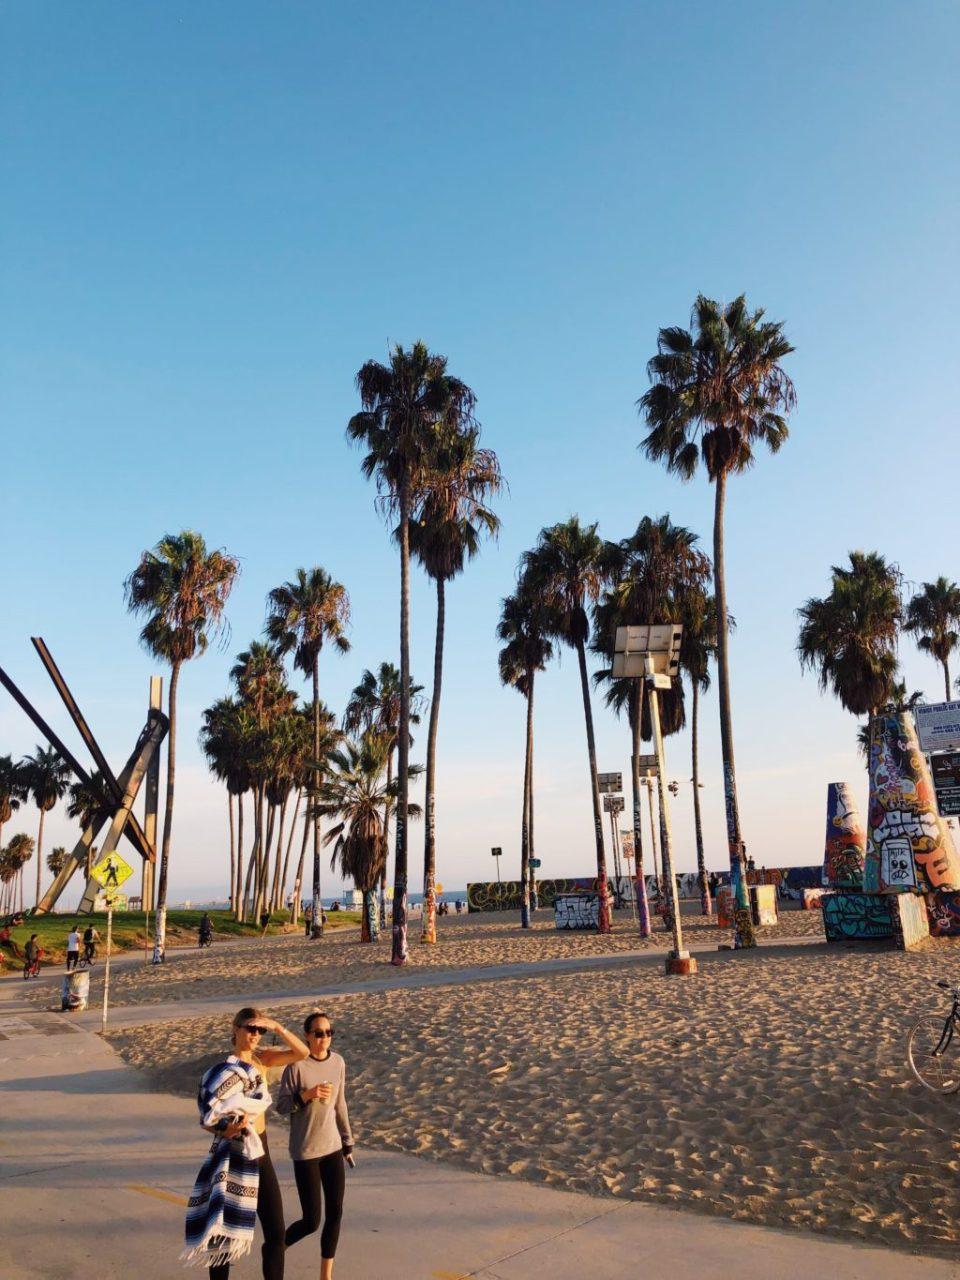 ベニスビーチ沿いの散歩道